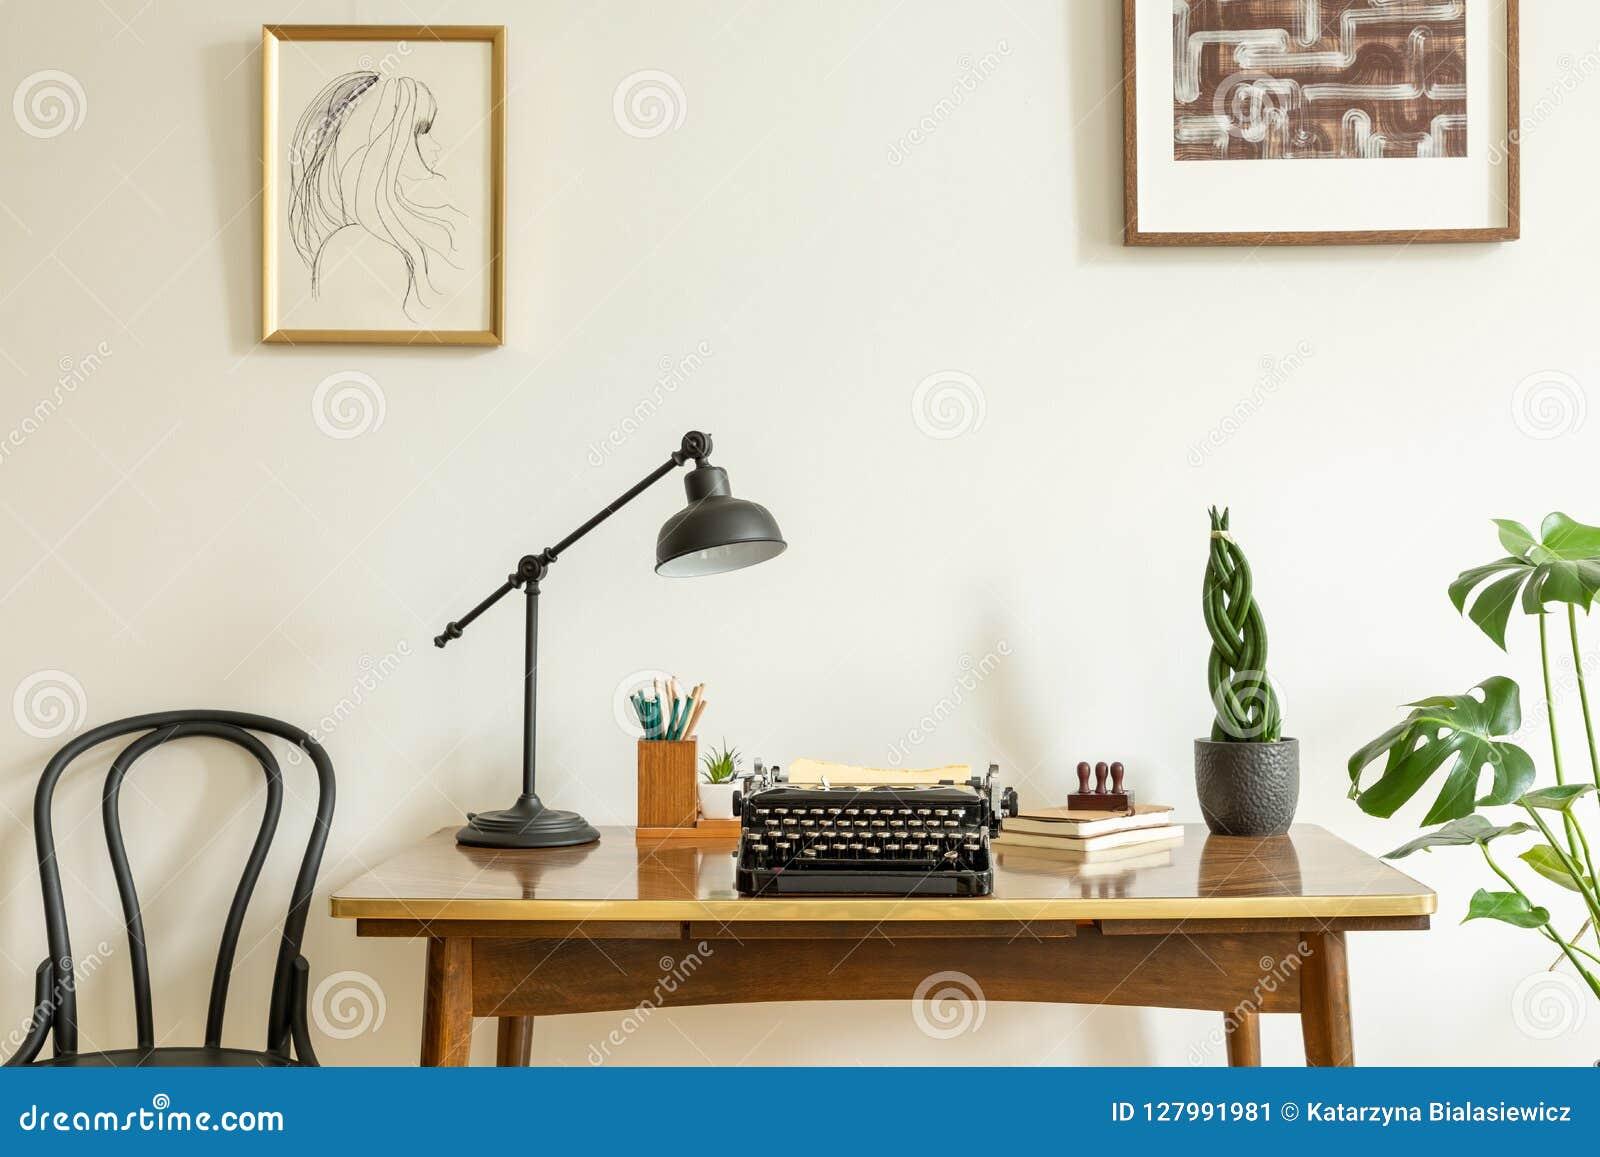 Feld Zeichnung auf einer weißen Wand über einer Antike, hölzerner Schreibtisch mit einer Weinlese, schwarze Schreibmaschine in ei